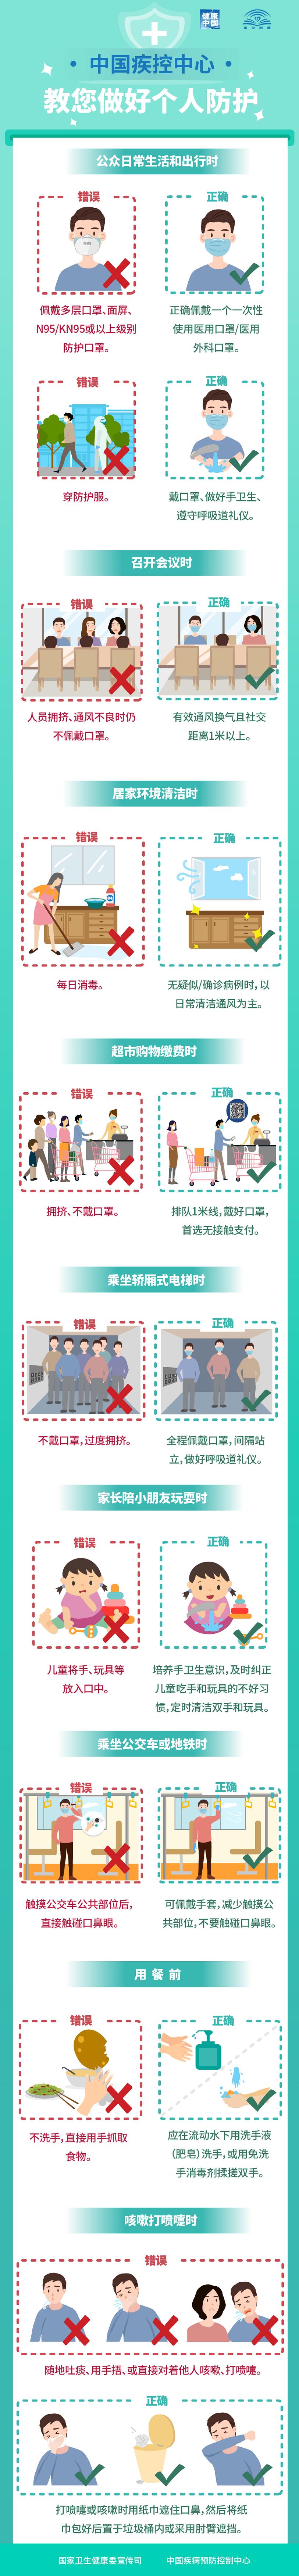 中国疾控中心教您做好个人防护图片